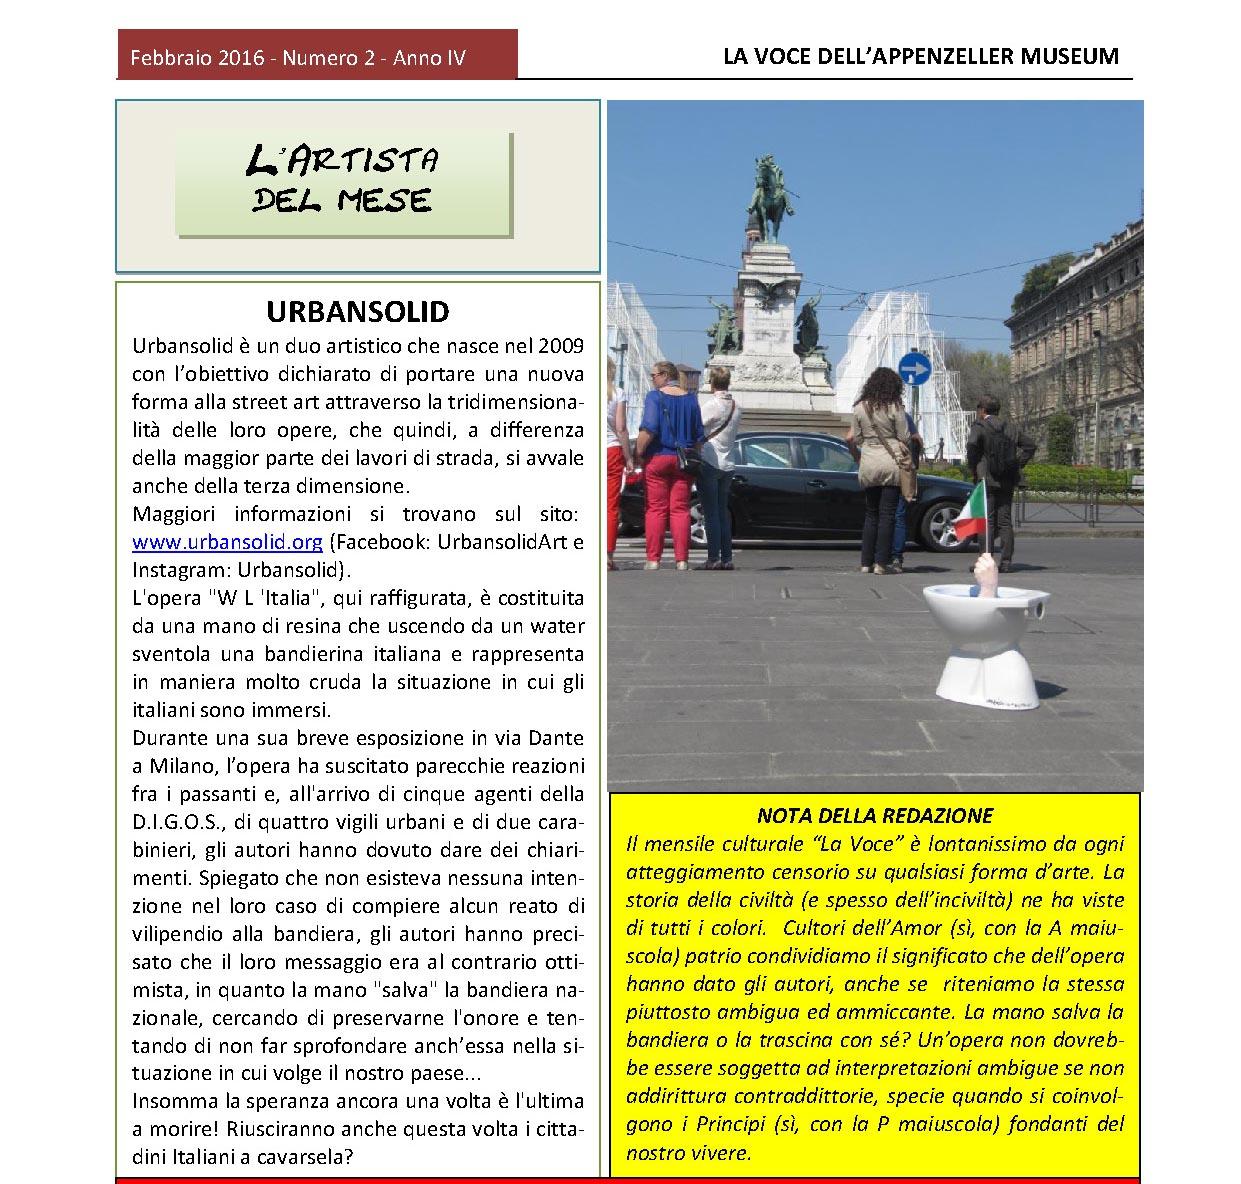 Febbraio 2016, n.2, La Voce dell'Appenzeller Museum – Urbansolid, L'artista del mese